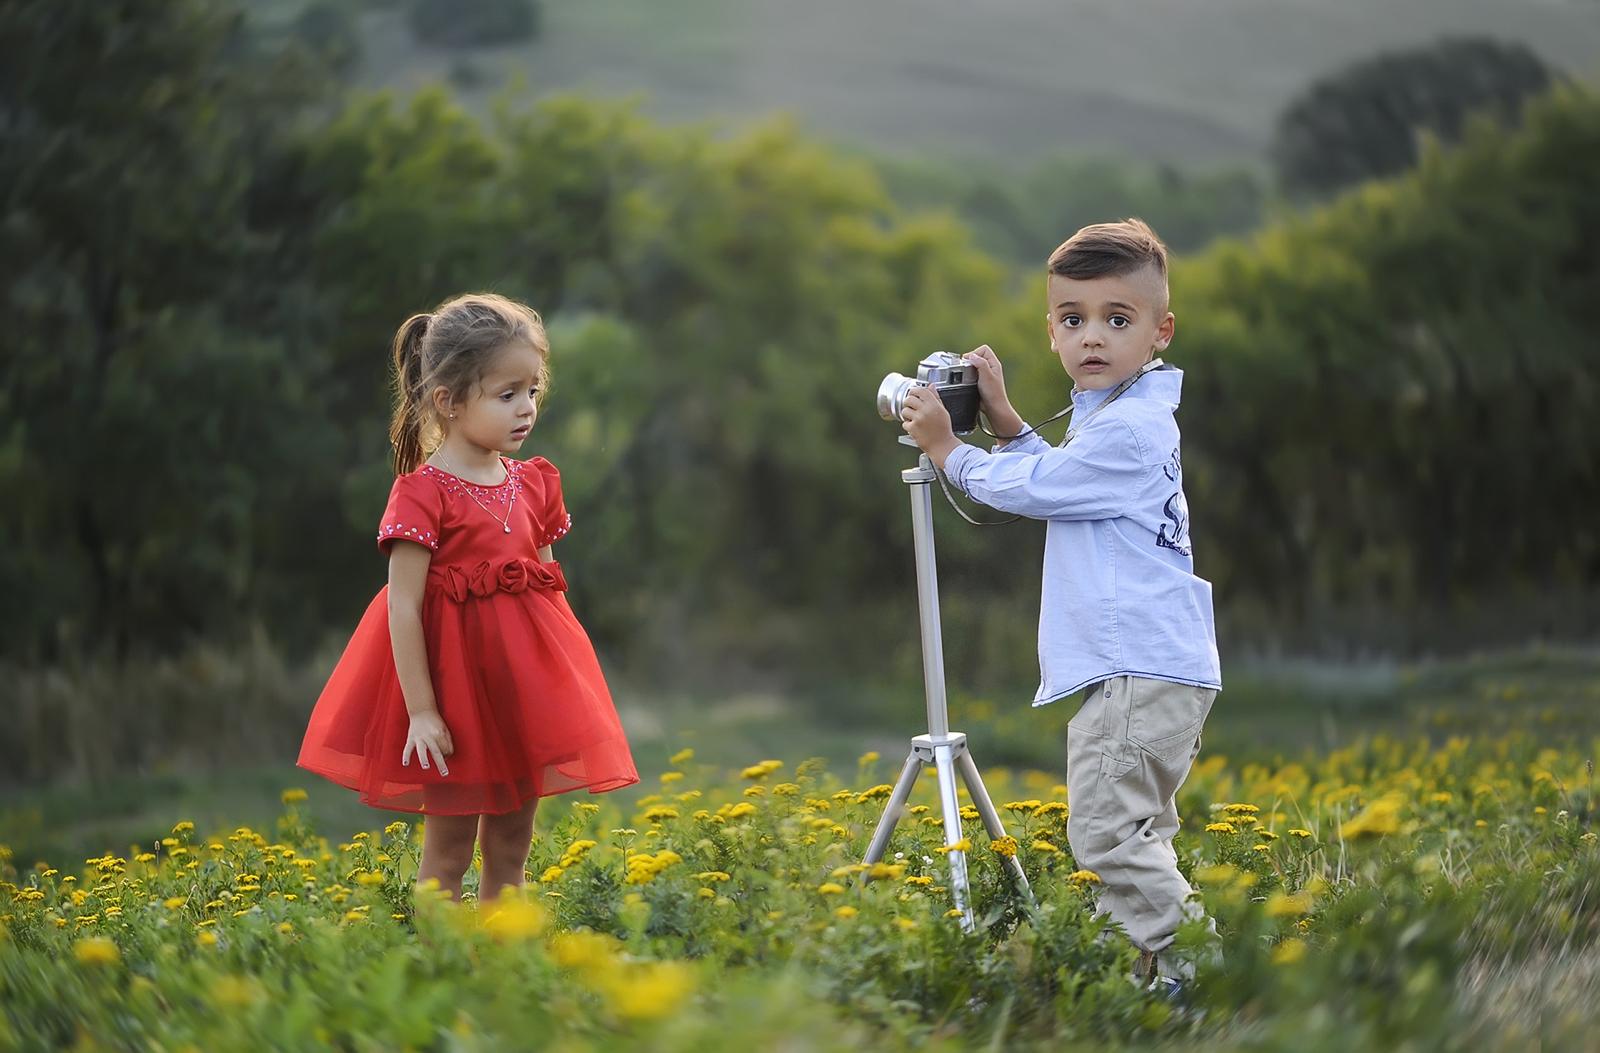 kleine ongen met camera op statief maakt foto van klein meisje in rode jurk op een weide